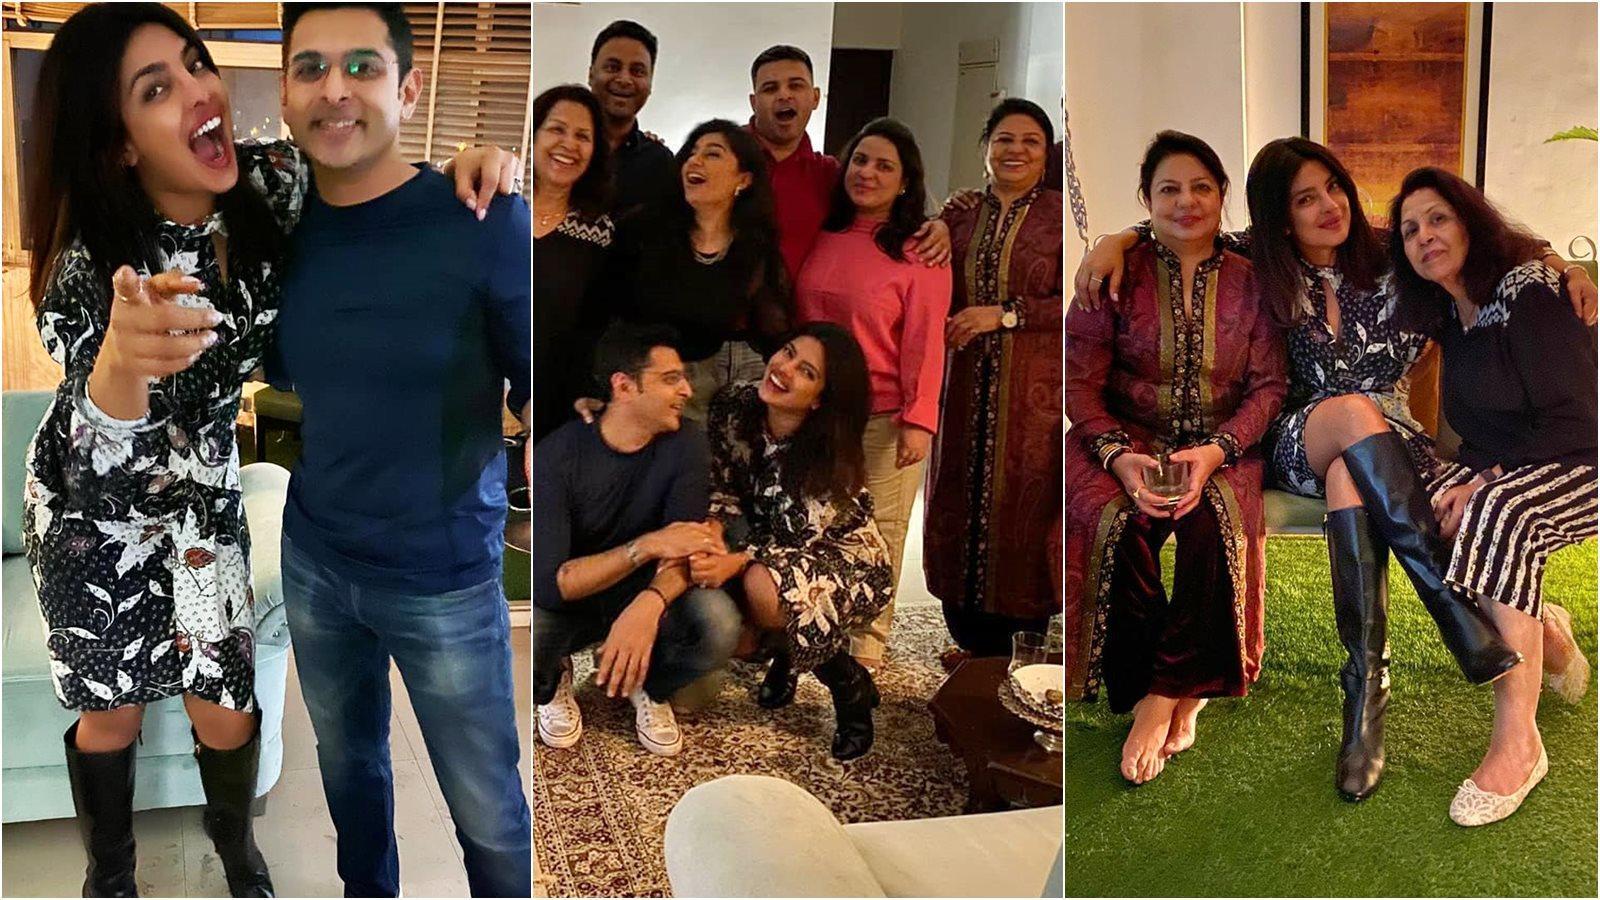 Priyanka Chopra enjoys 'family night' in New Delhi, mom Madhu Chopra joins in the celebration